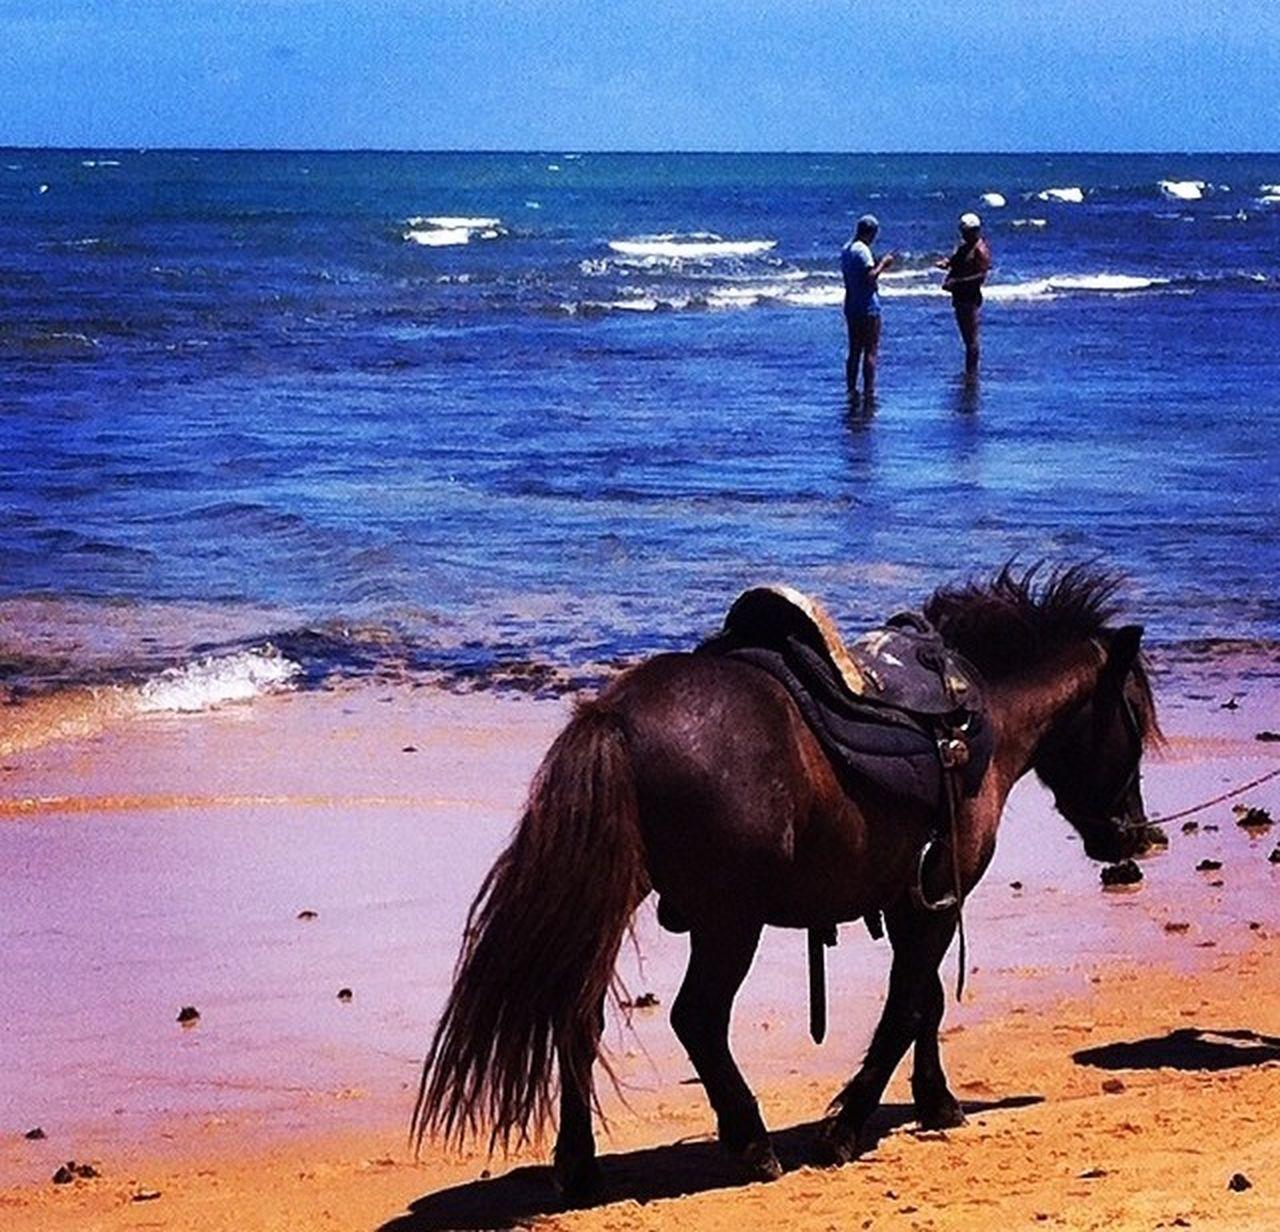 Praia Do Forte, Bahia - Brasil Bahia Brazil Praia Do Forte